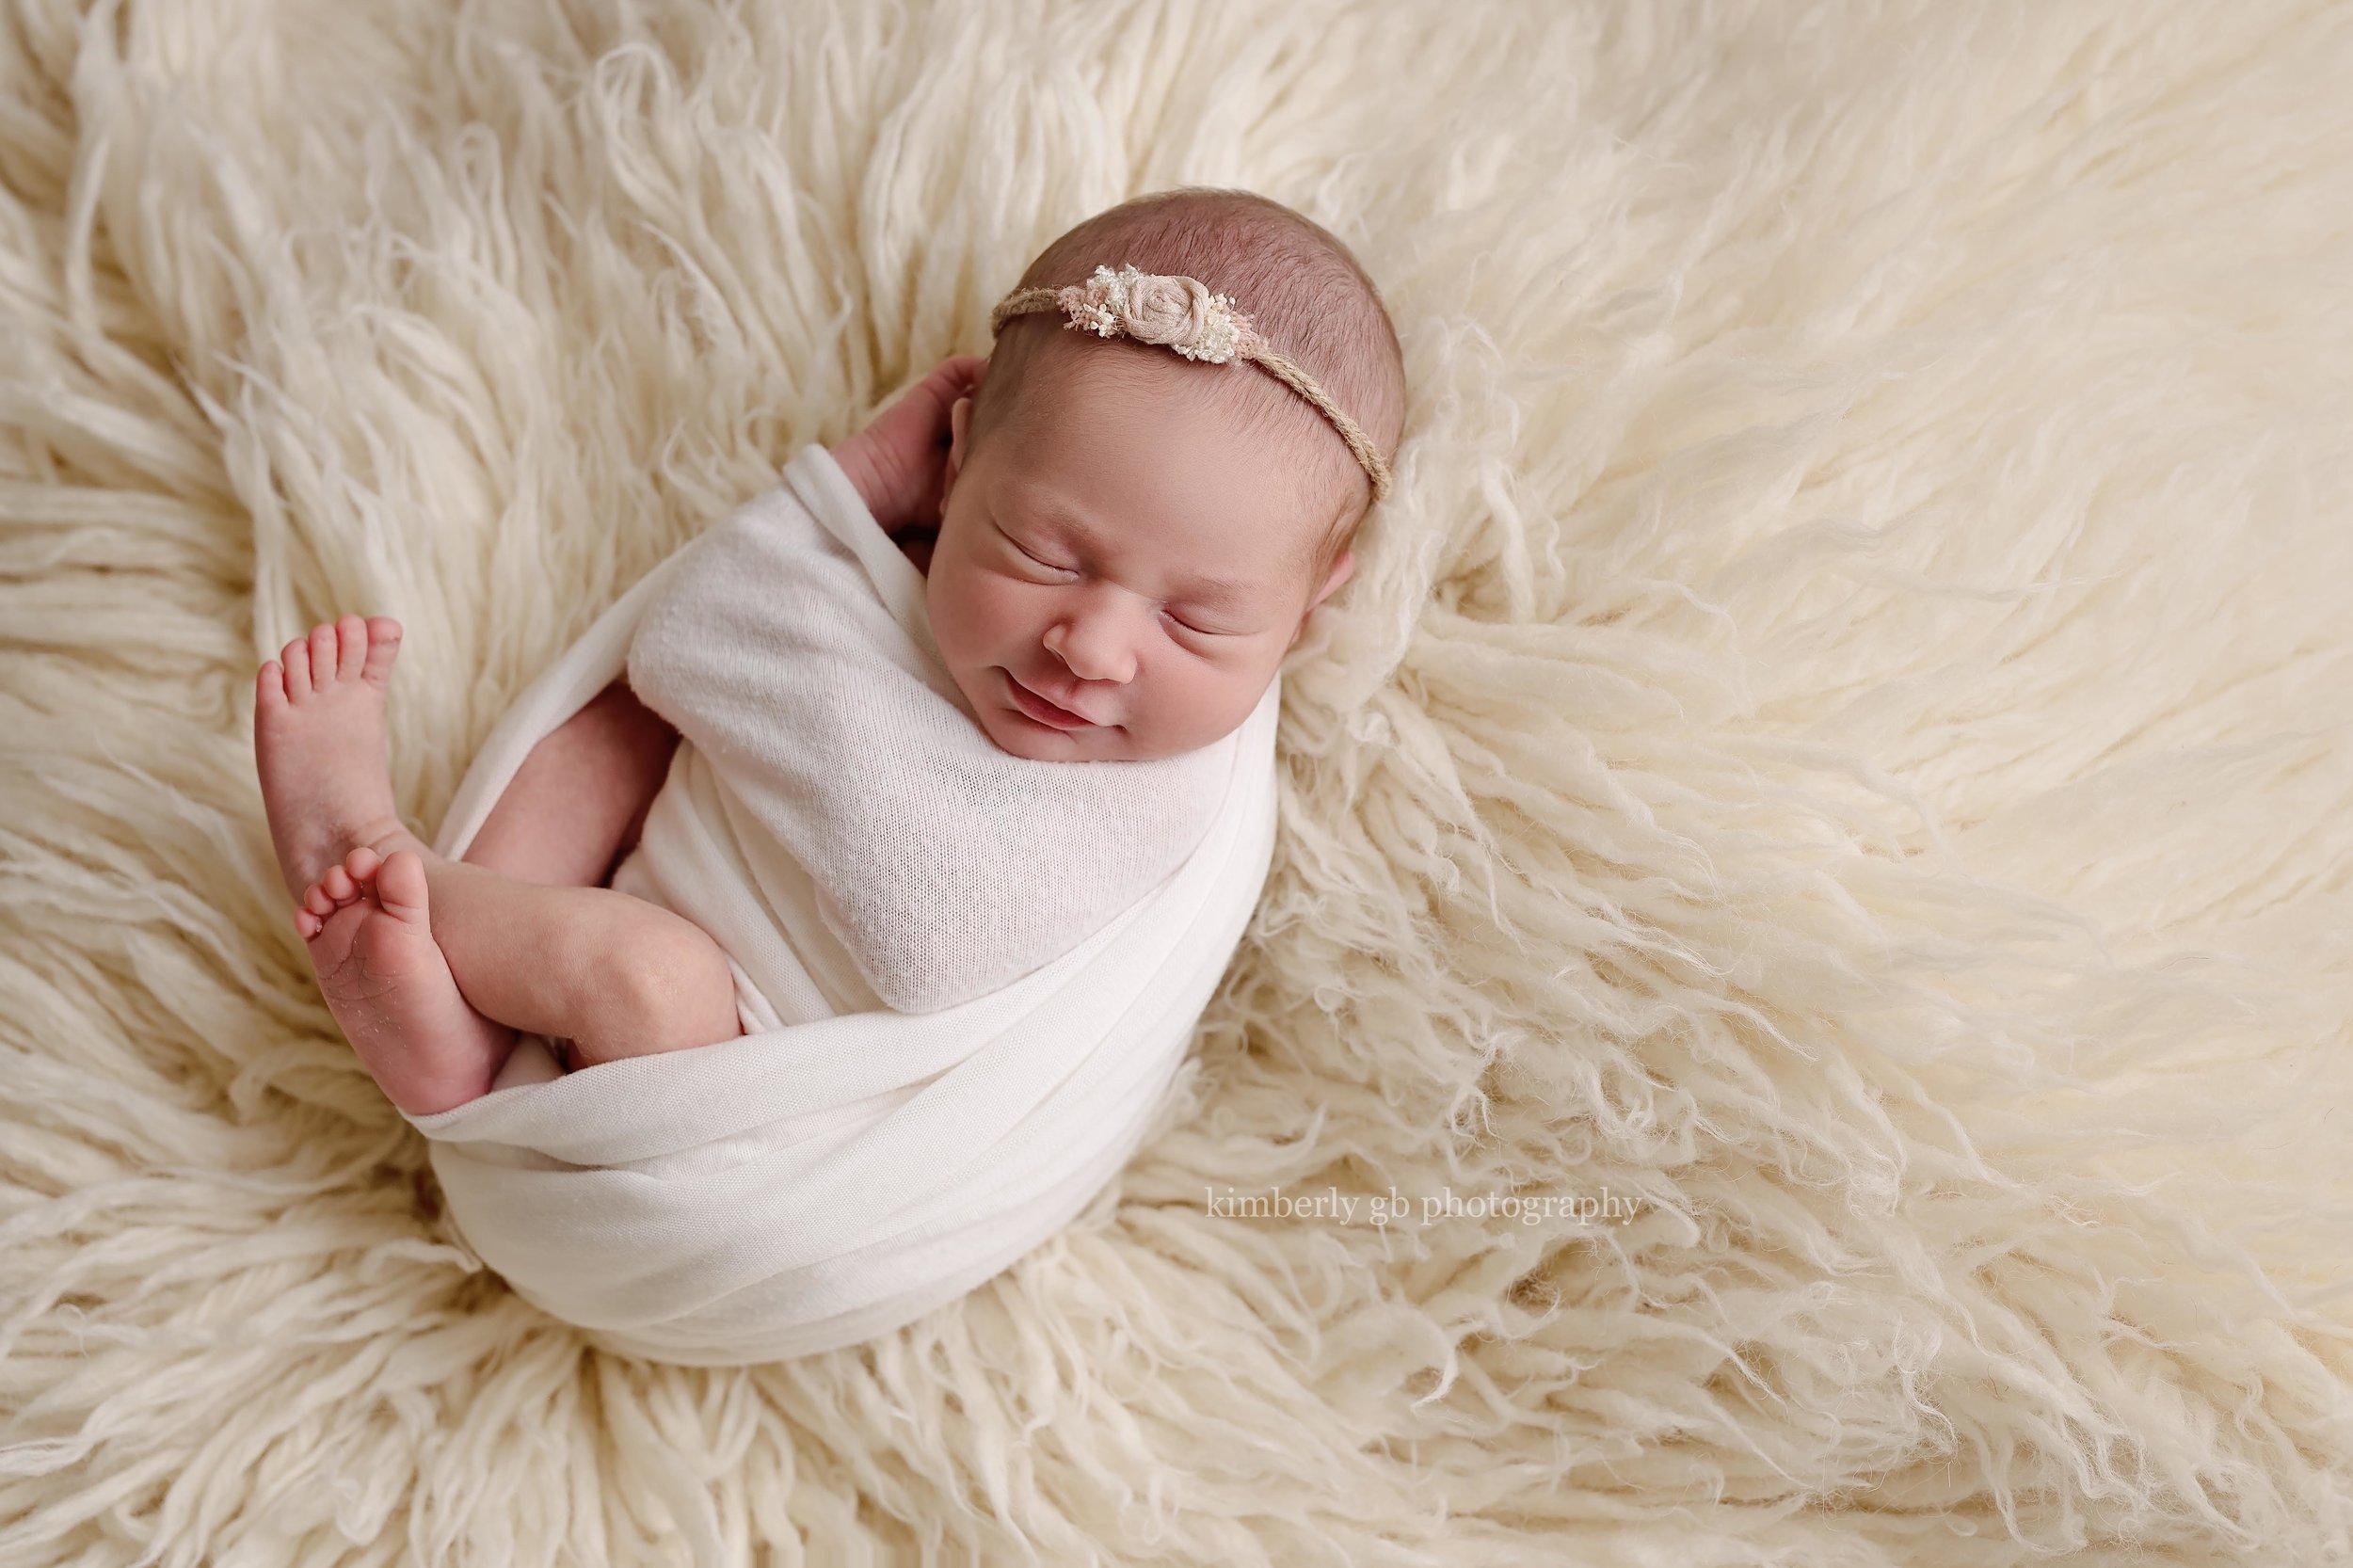 Esta imagen con su sonrisa en la alfombra flokati fue la favorita de papá y mamá.